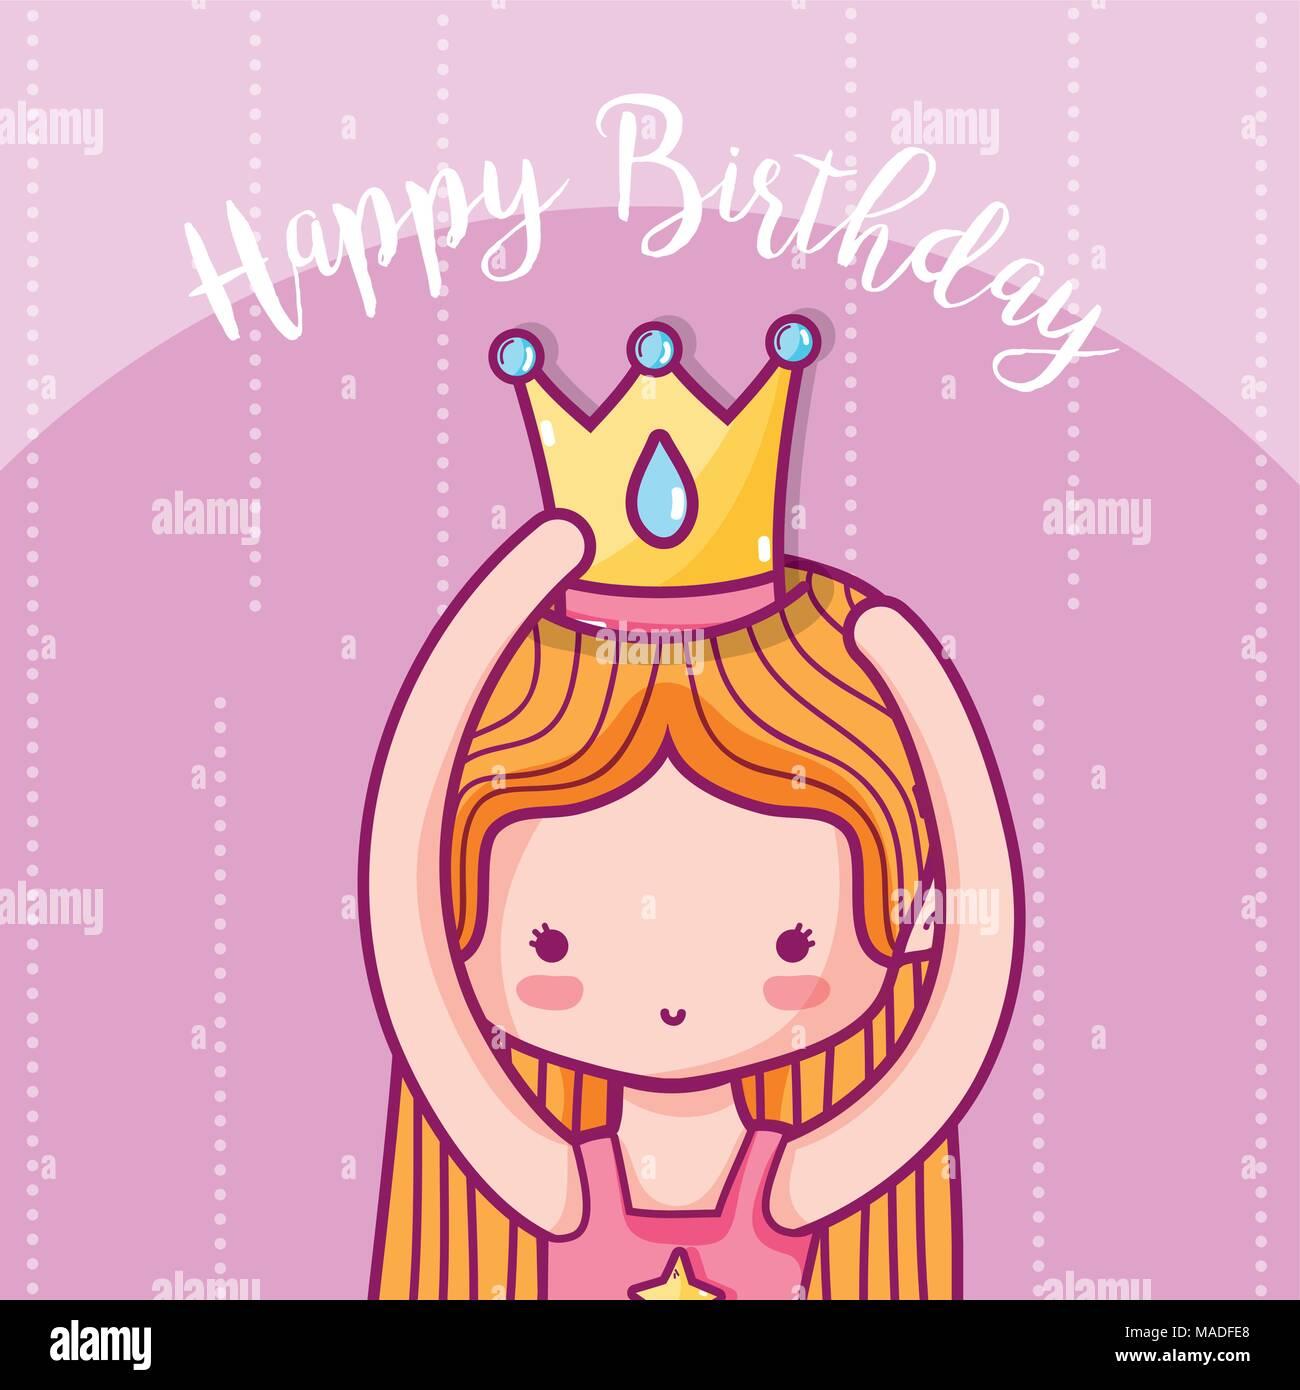 Happy Birthday Card Girl Avec La Princesse Cartoons Vector